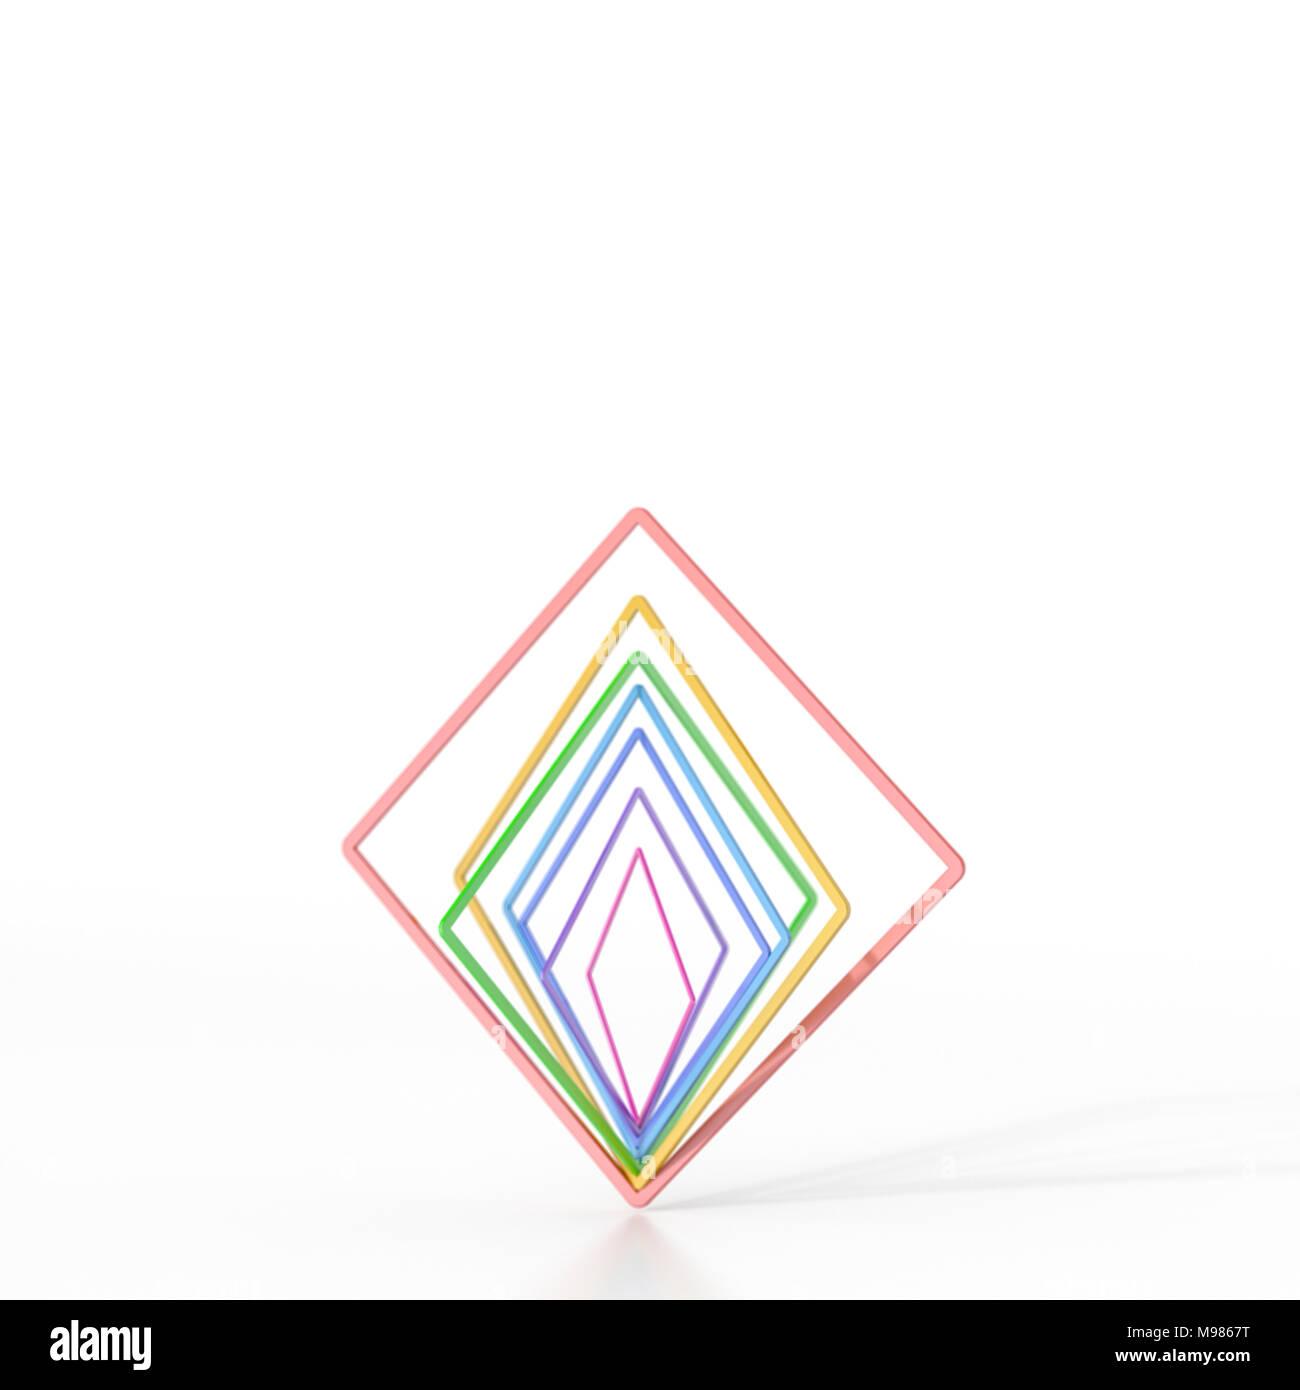 L'équilibrage des carrés colorés abstraits, 3D Rendering Photo Stock